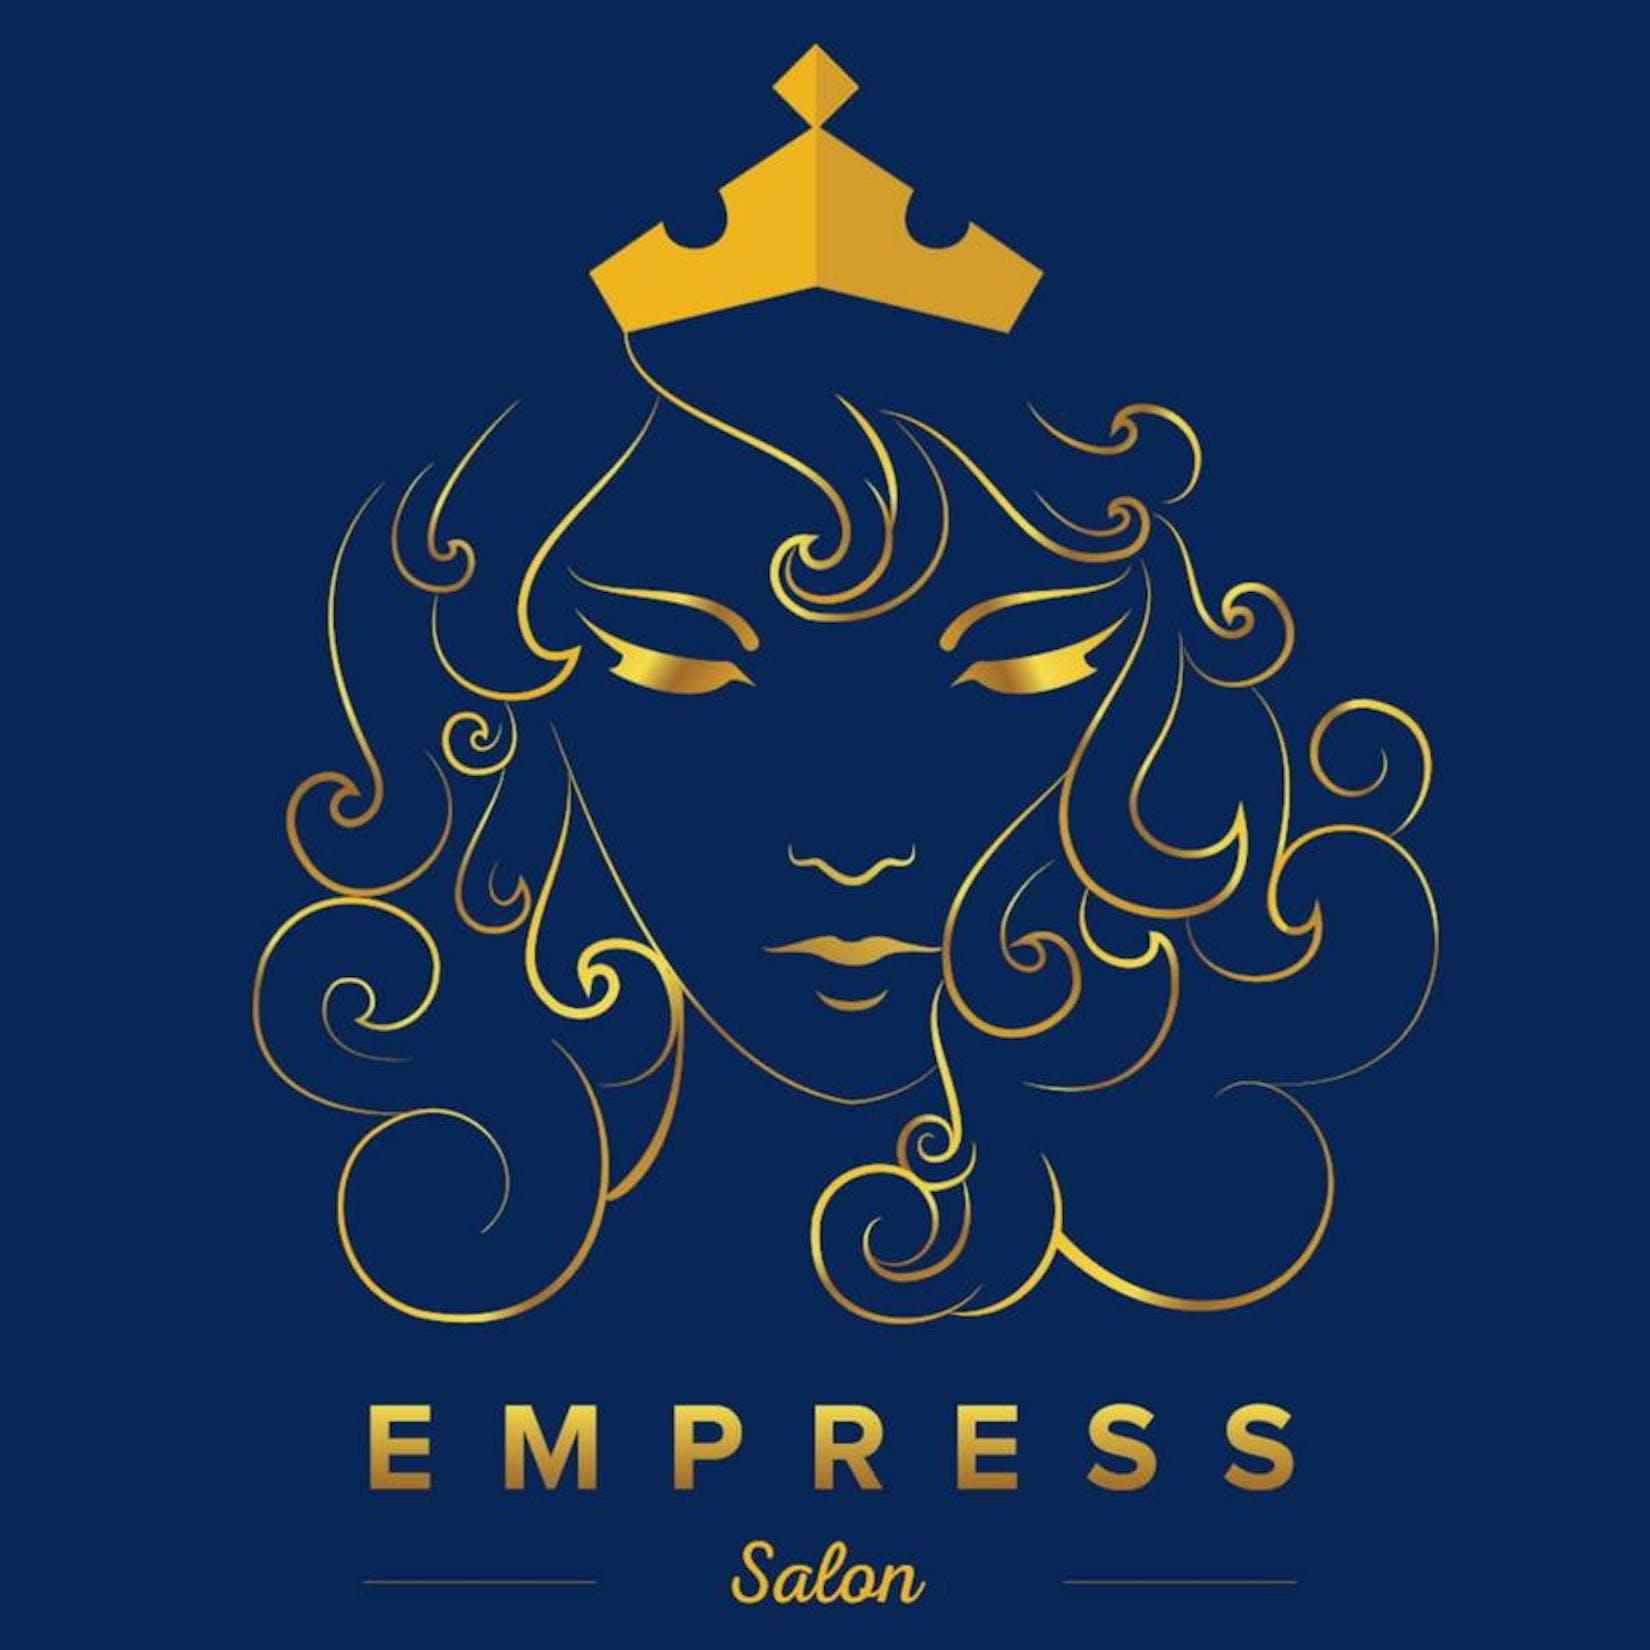 Empress Salon & Spa | Beauty